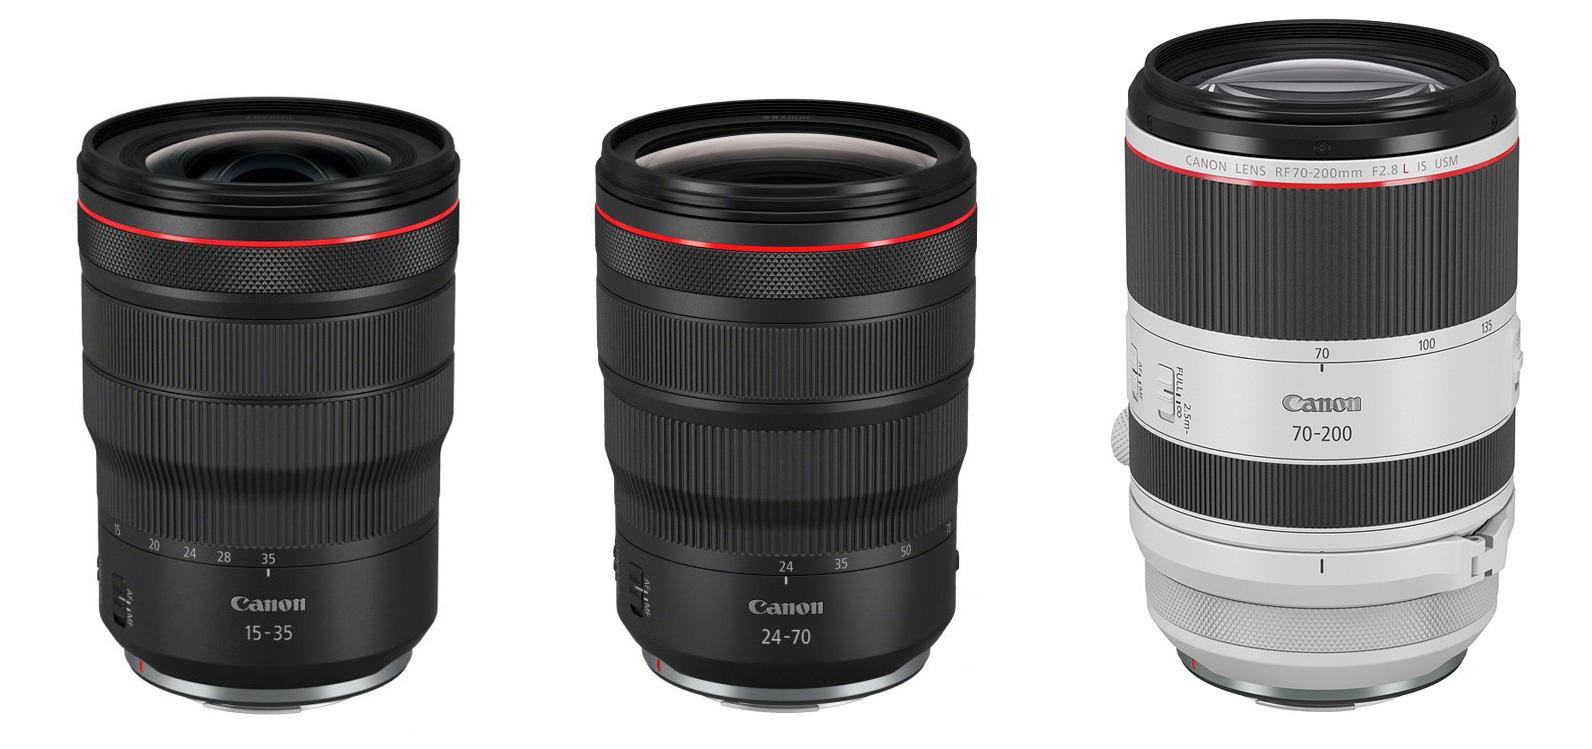 Canonilt kolm f/2.8 avaga profiobjektiivi hübriidkaameratele: 15-35mm, 24-70mm ja 70-200mm